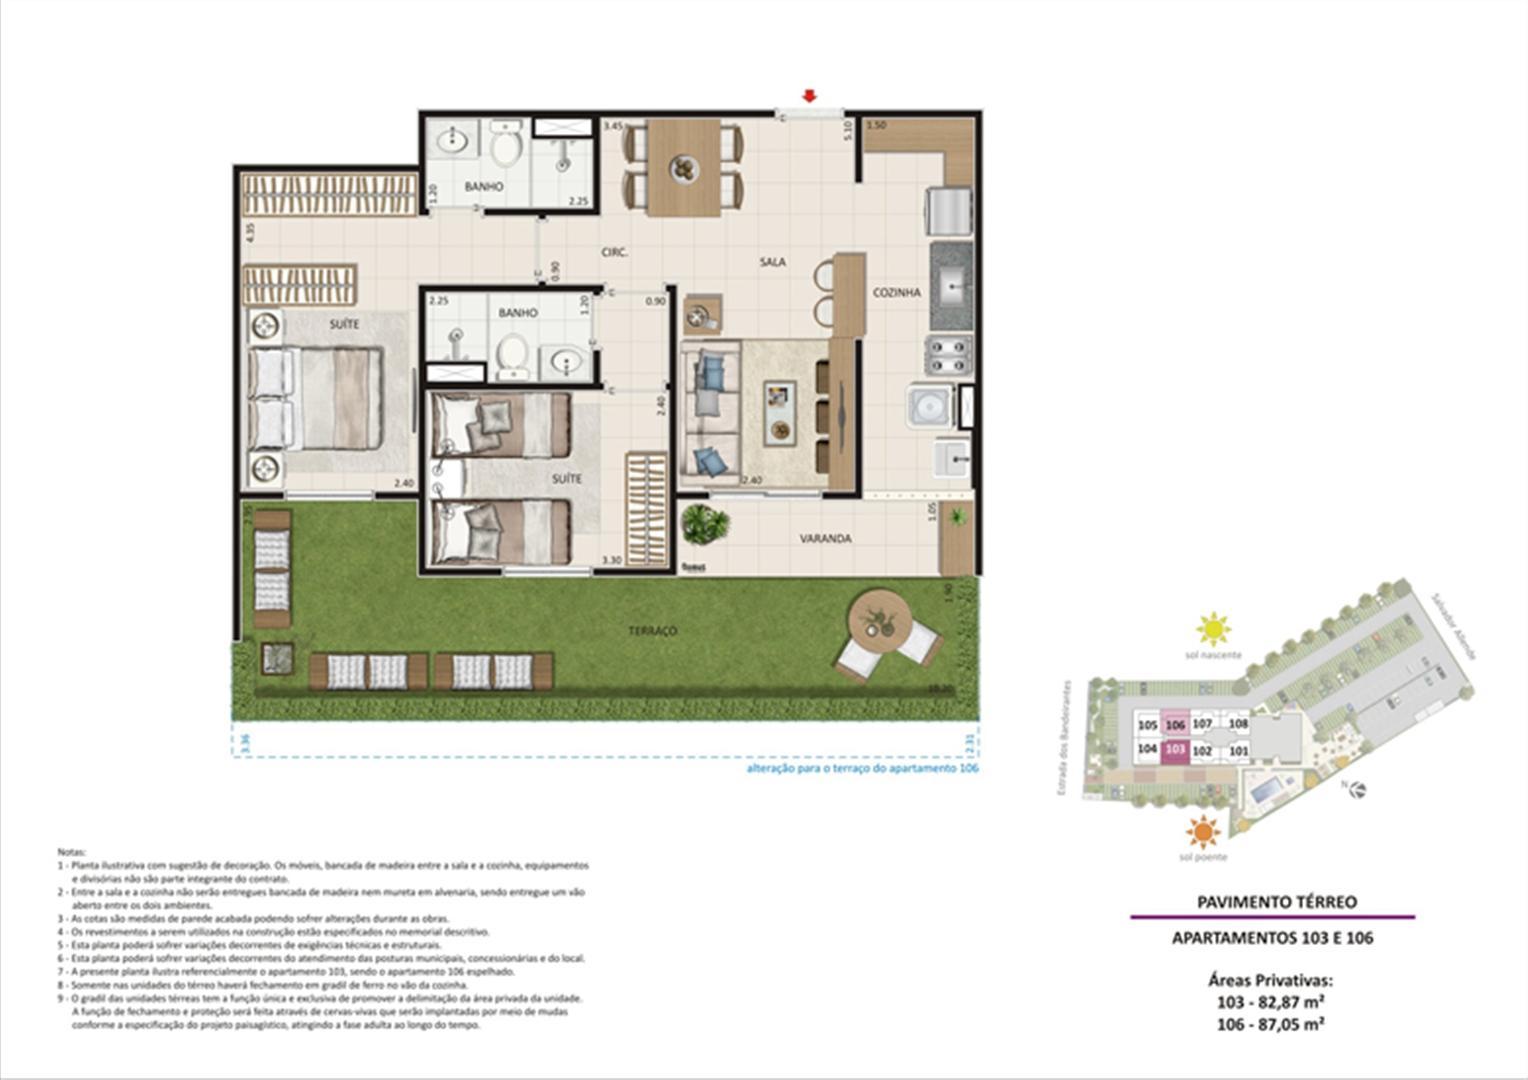 Apartamento 2 quartos tipo 02 - Terraço | Live Bandeirantes All Suites – Apartamento em  Jacarepaguá - Rio de Janeiro - Rio de Janeiro